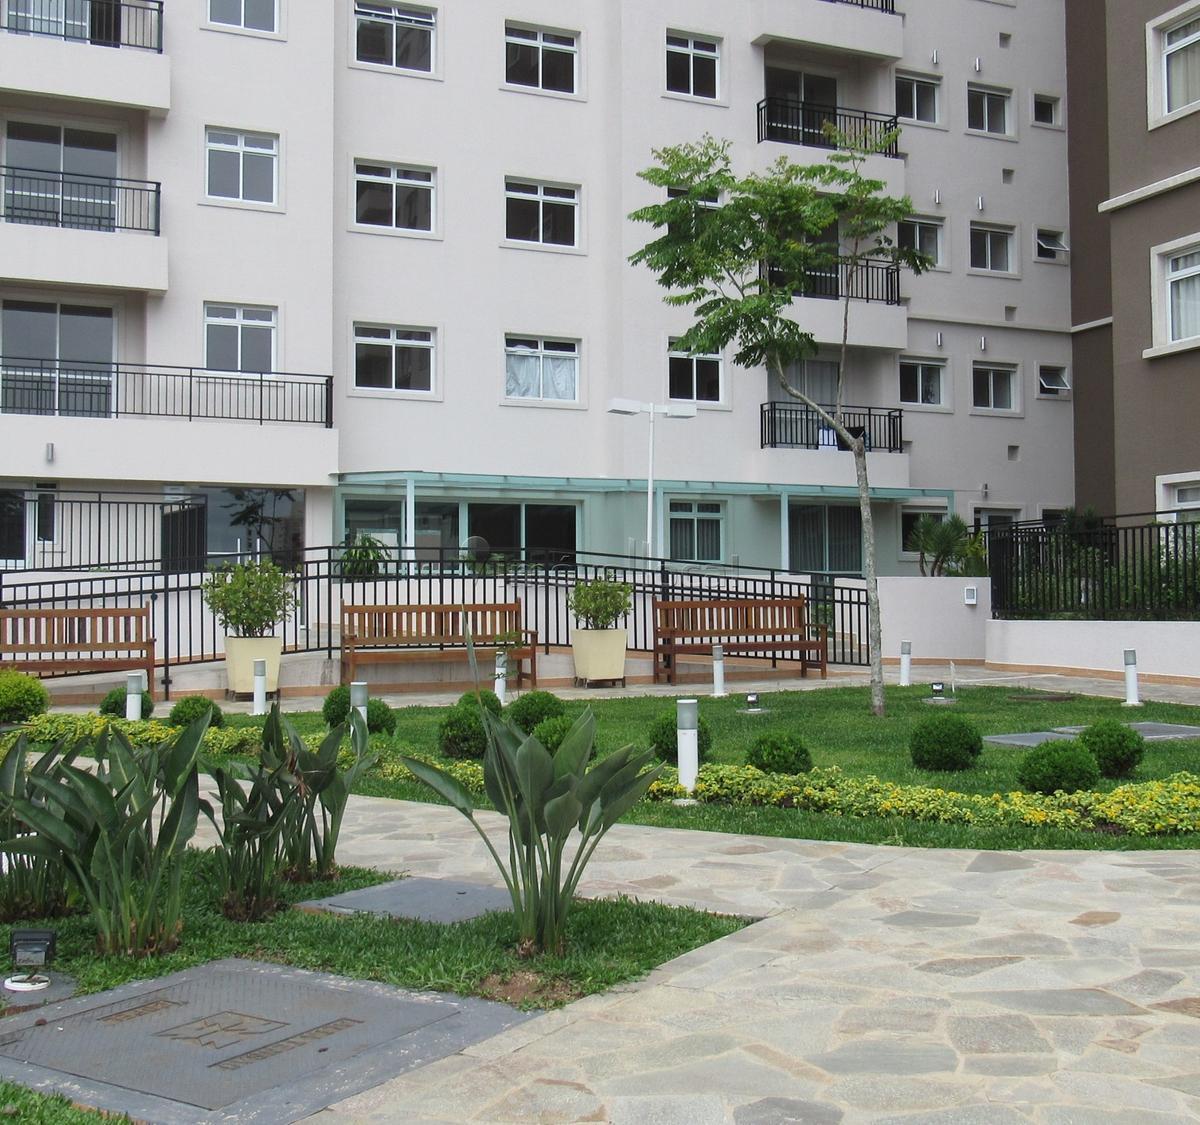 http://www.infocenterhost2.com.br/crm/fotosimovel/314270/88620540-apartamento-curitiba-tingui.jpg